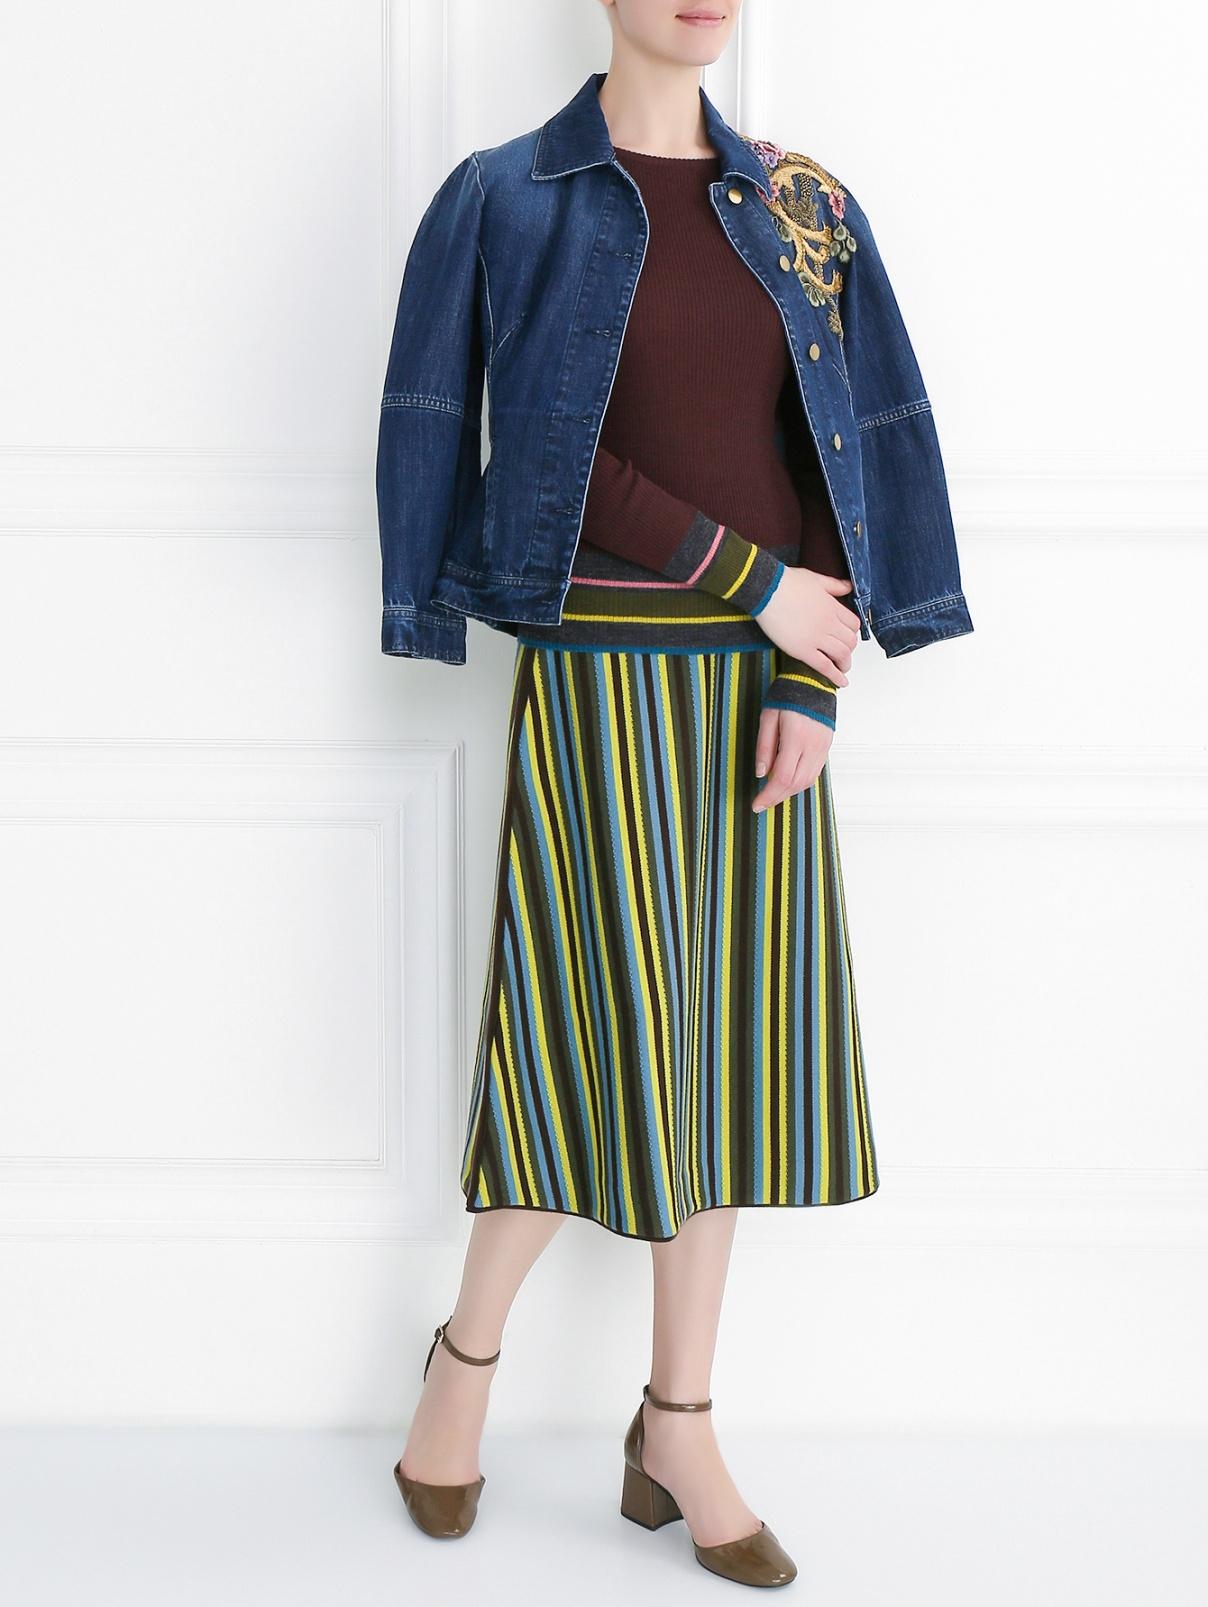 Облегающий джемпер из шерсти I'M Isola Marras  –  Модель Общий вид  – Цвет:  Коричневый